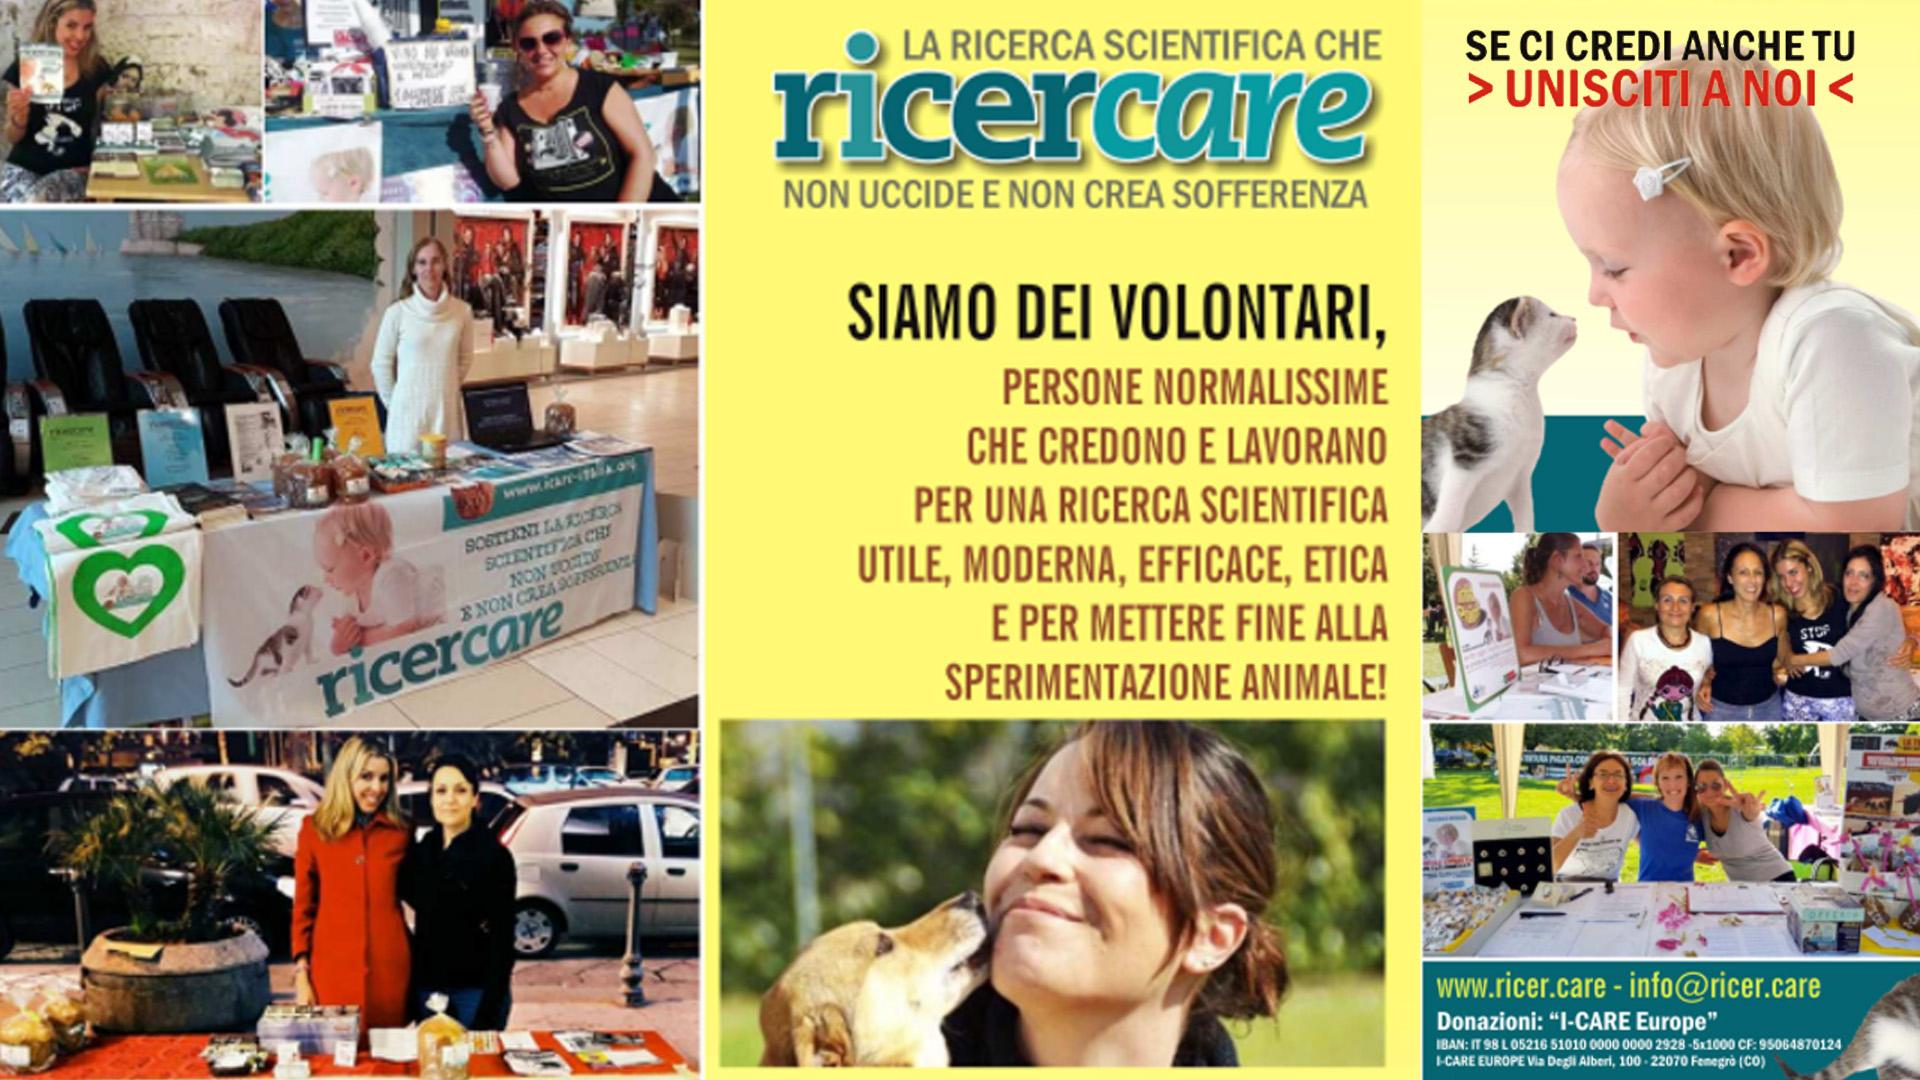 rIcerCARE-volantari-gente-ricerca-etica